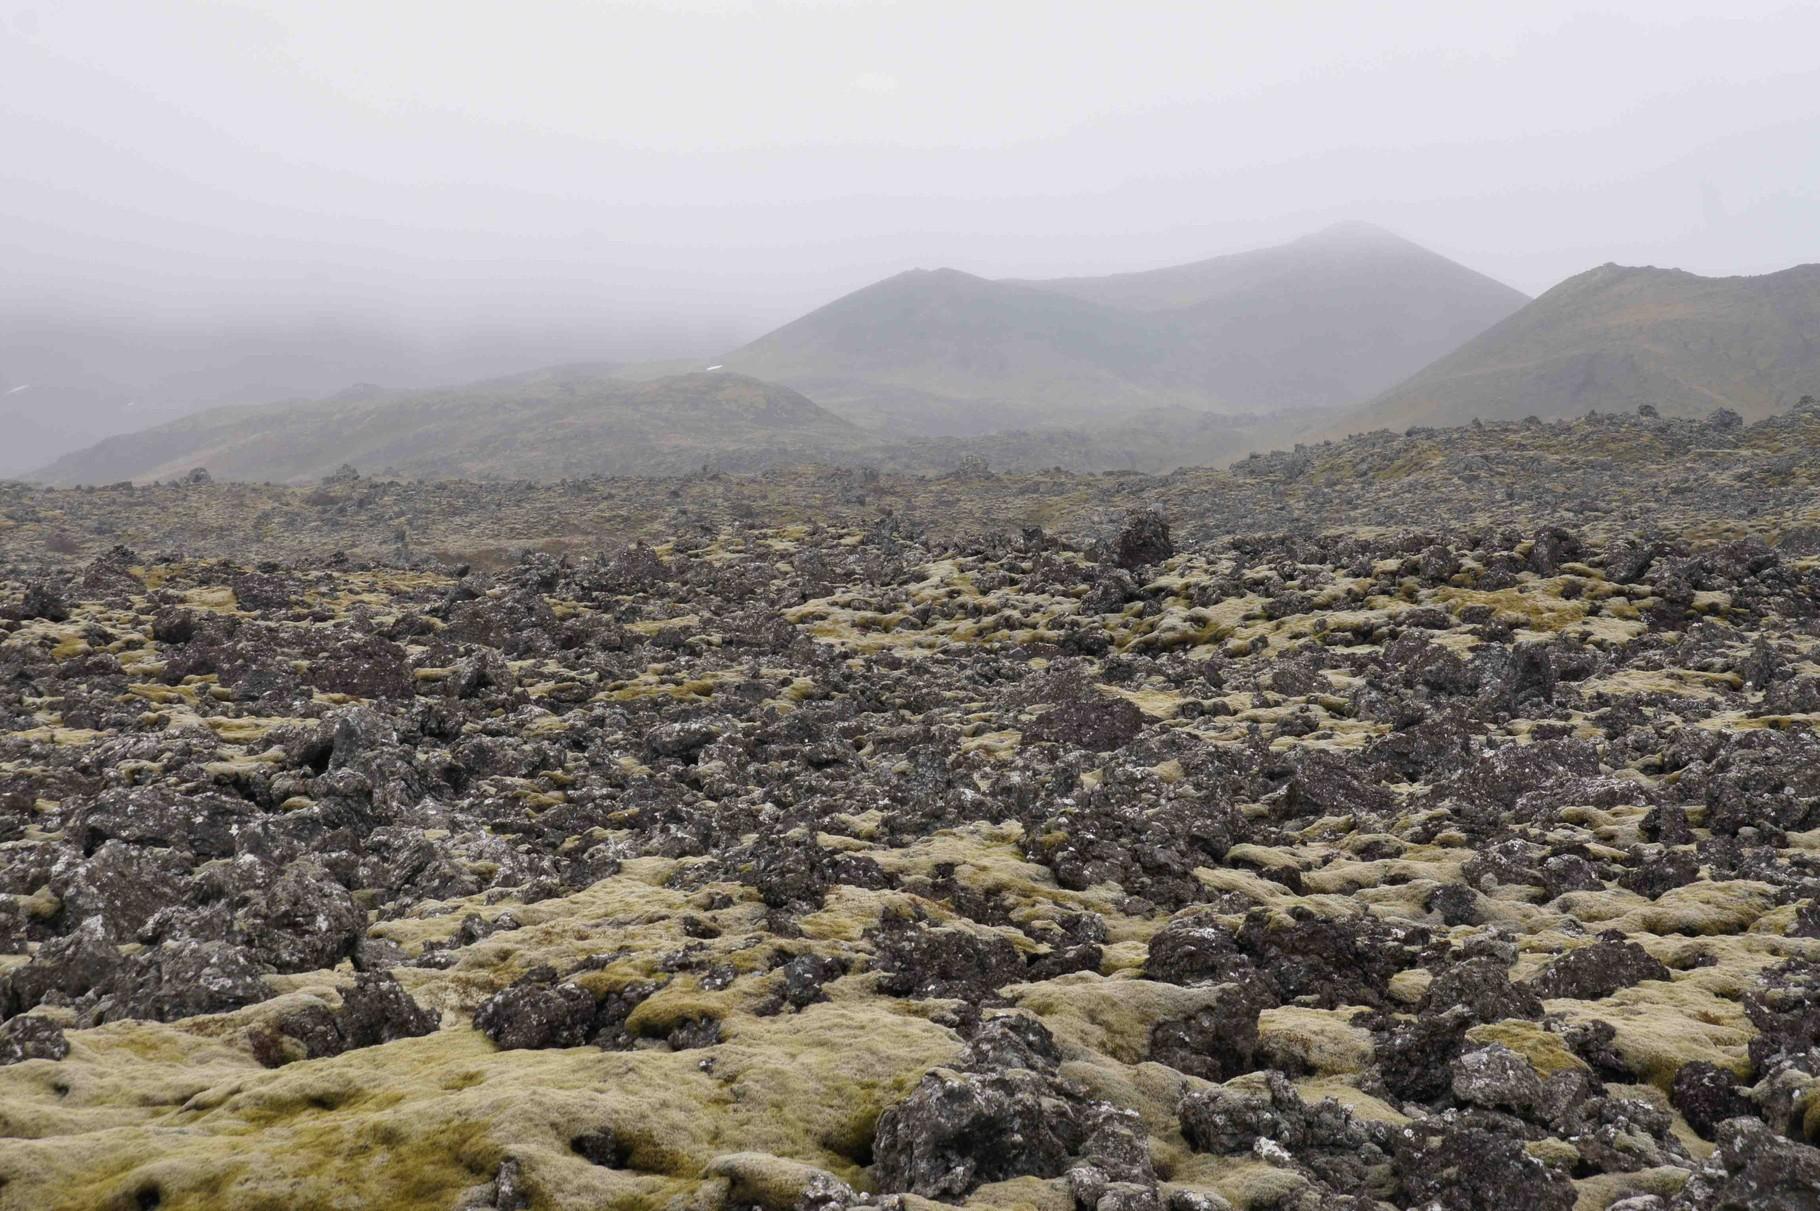 Moosbewachsenes Vulkangestein